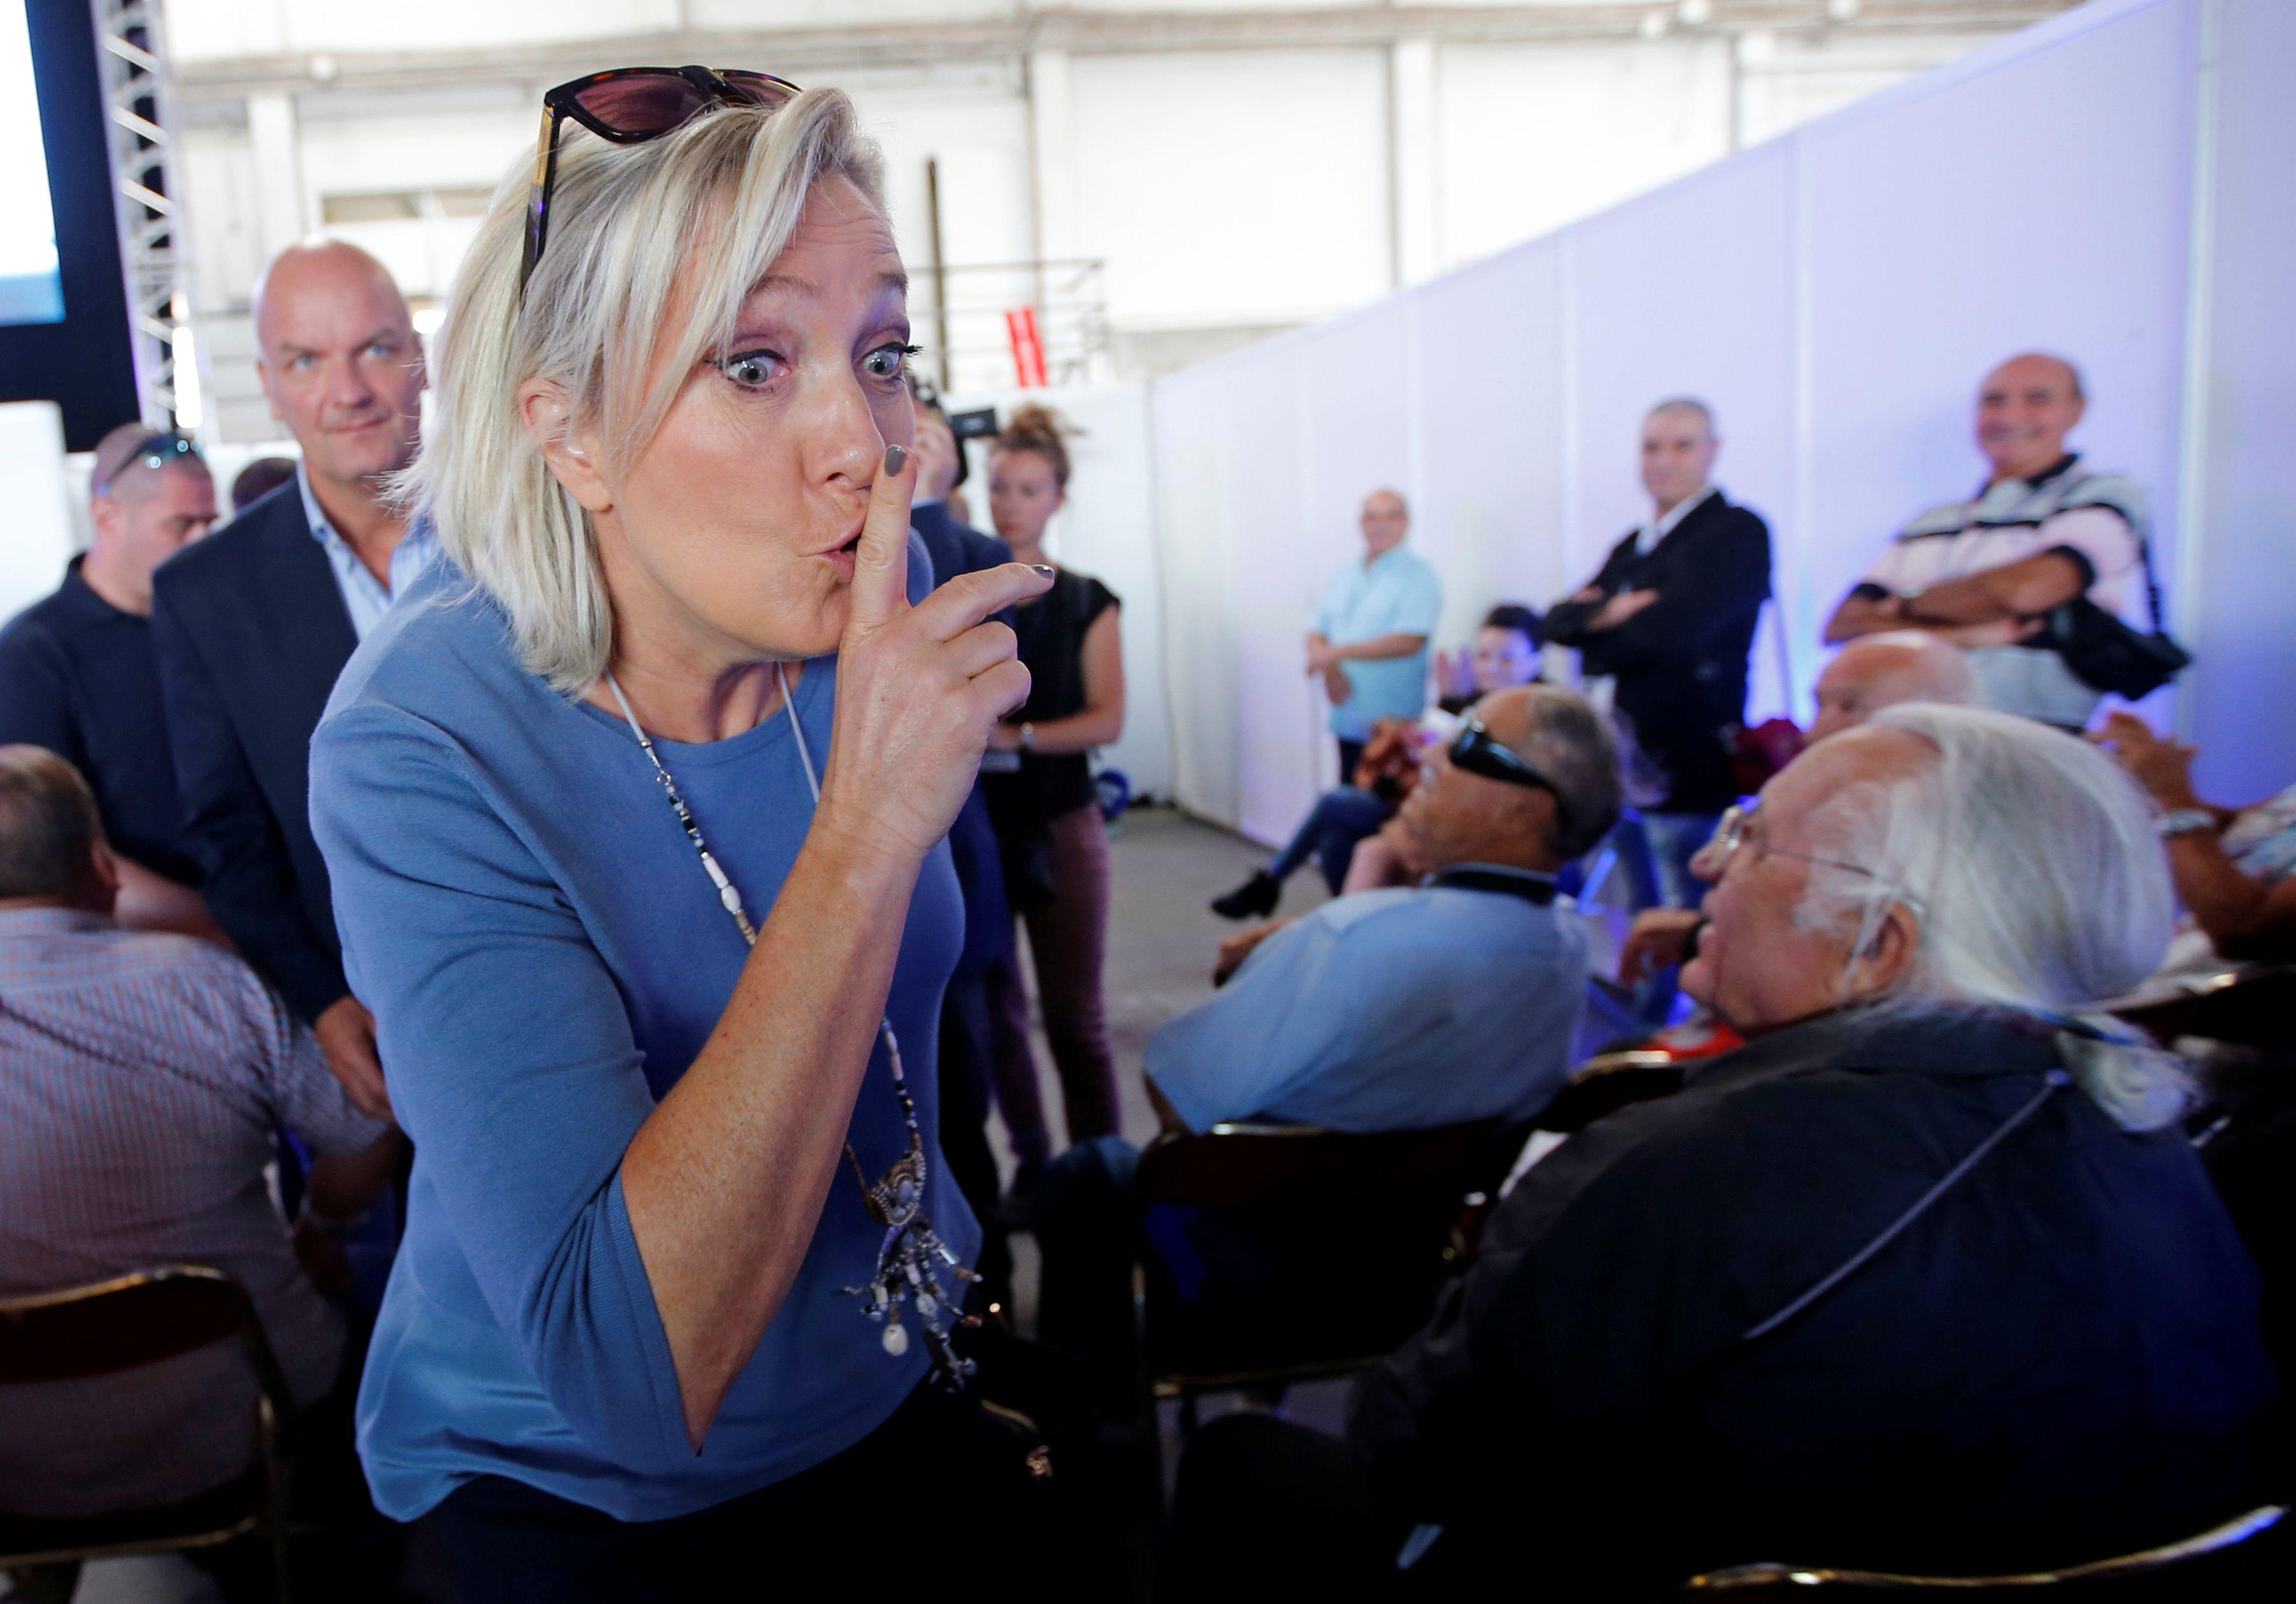 Marine Le Pen élue : un joyeux bordel en perspective